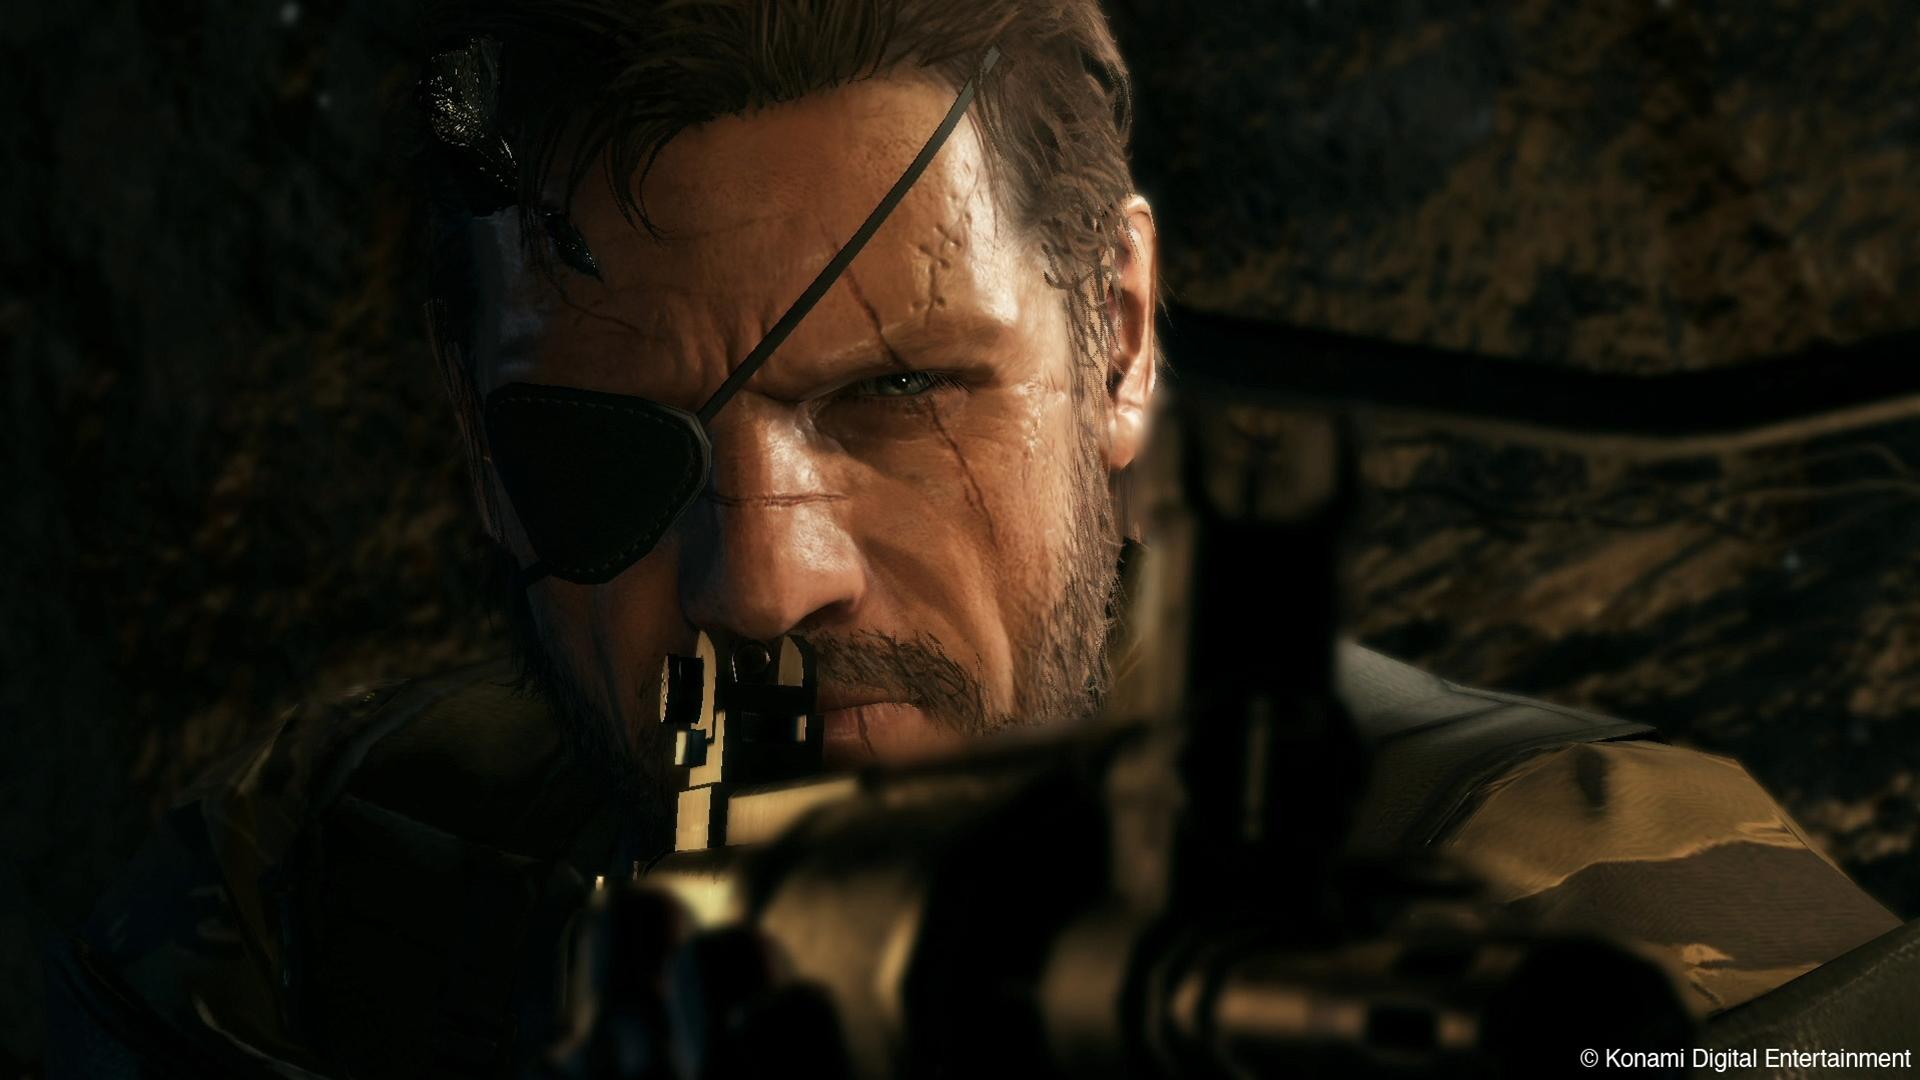 画像集 026 Metal Gear Solid V The Phantom Pain Mgs5 Ps4 4gamer